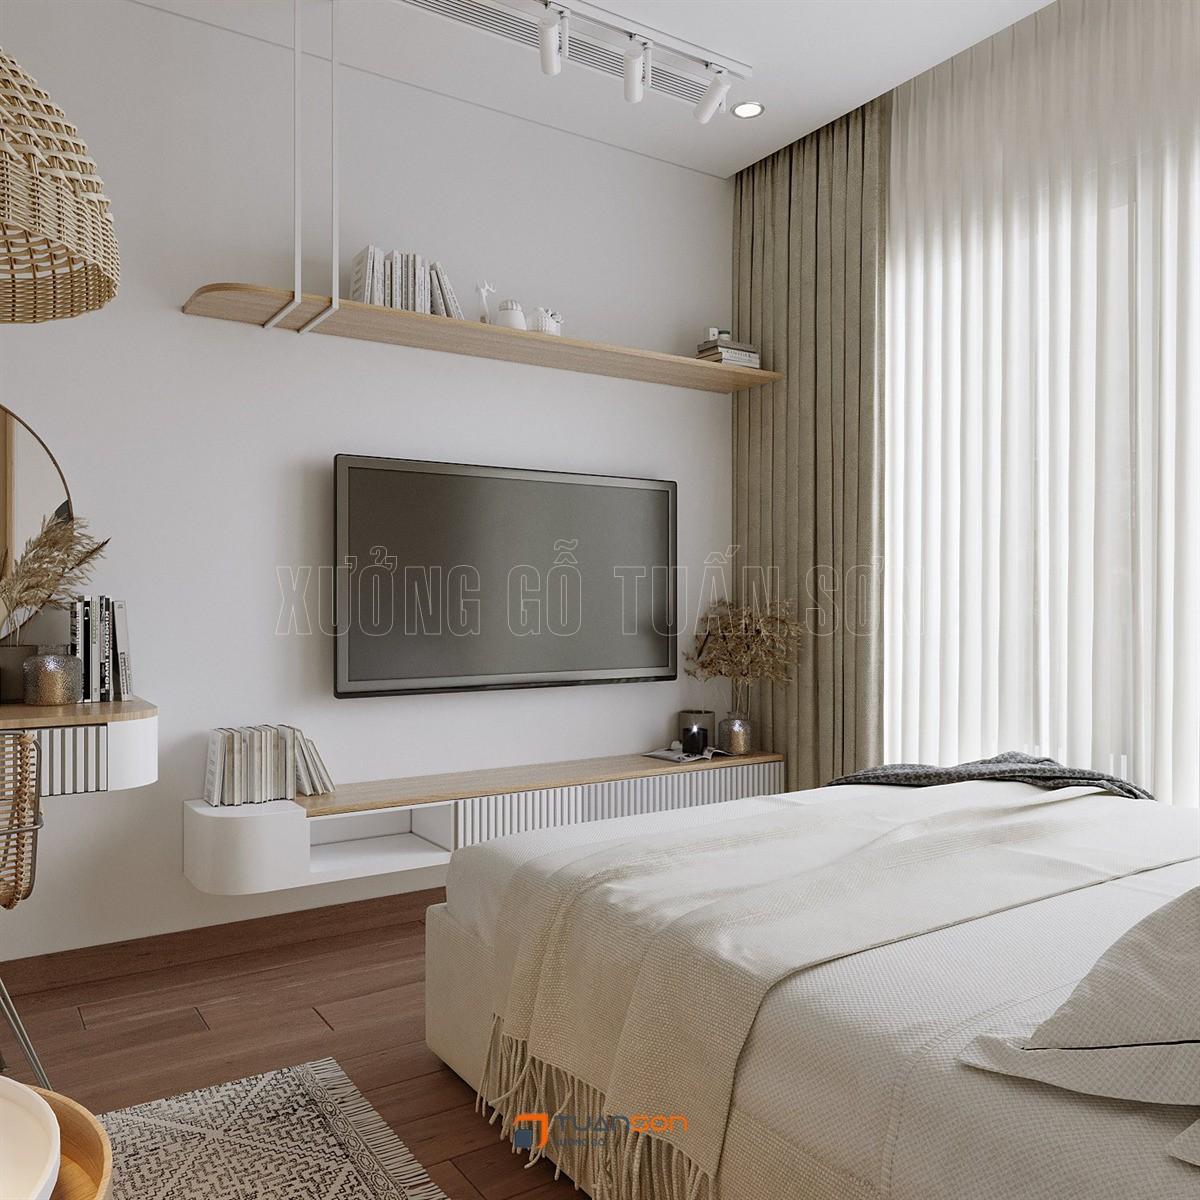 Thiết kế nội thất căn Studio (28m2) S3.03-16 Vinhomes Smart City